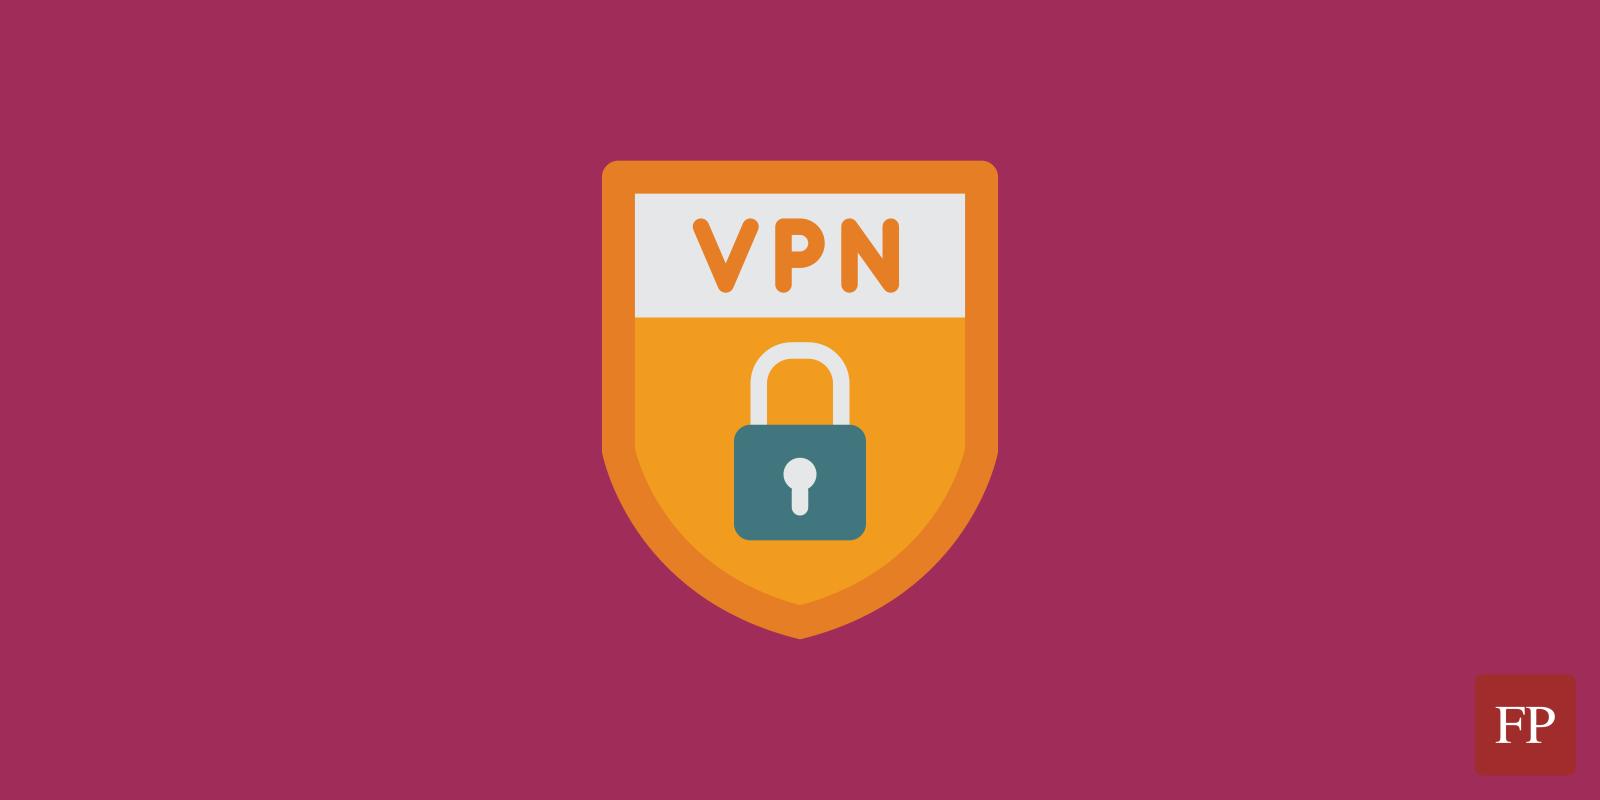 Open Source VPN 1 July 4, 2021